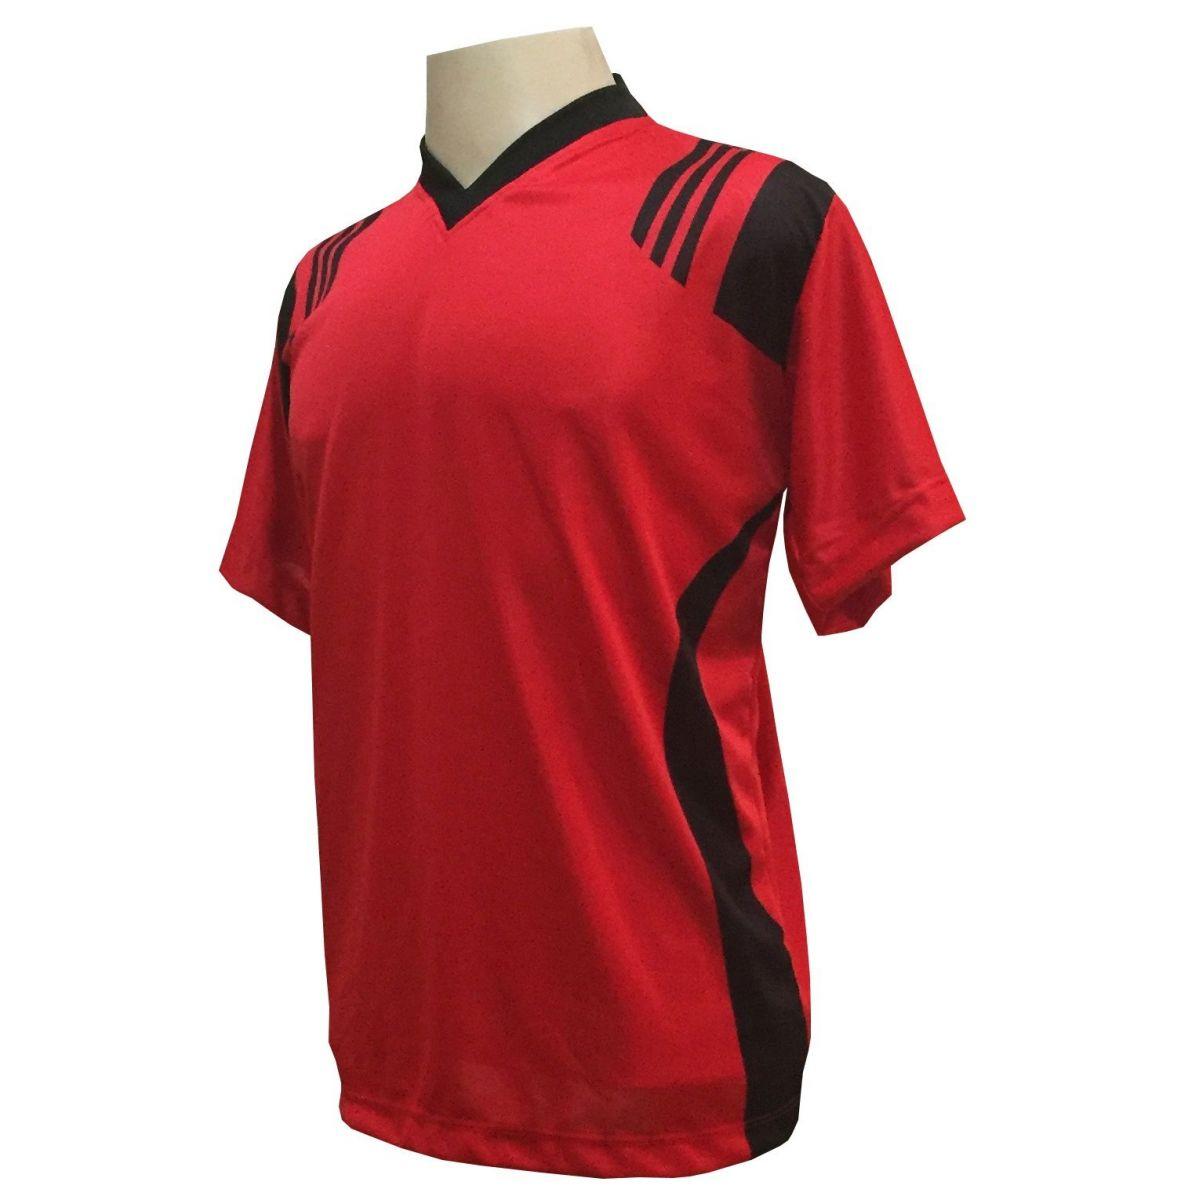 Uniforme Esportivo com 12 camisas modelo Roma Vermelho/Preto + 12 calções modelo Madrid Preto + Brindes